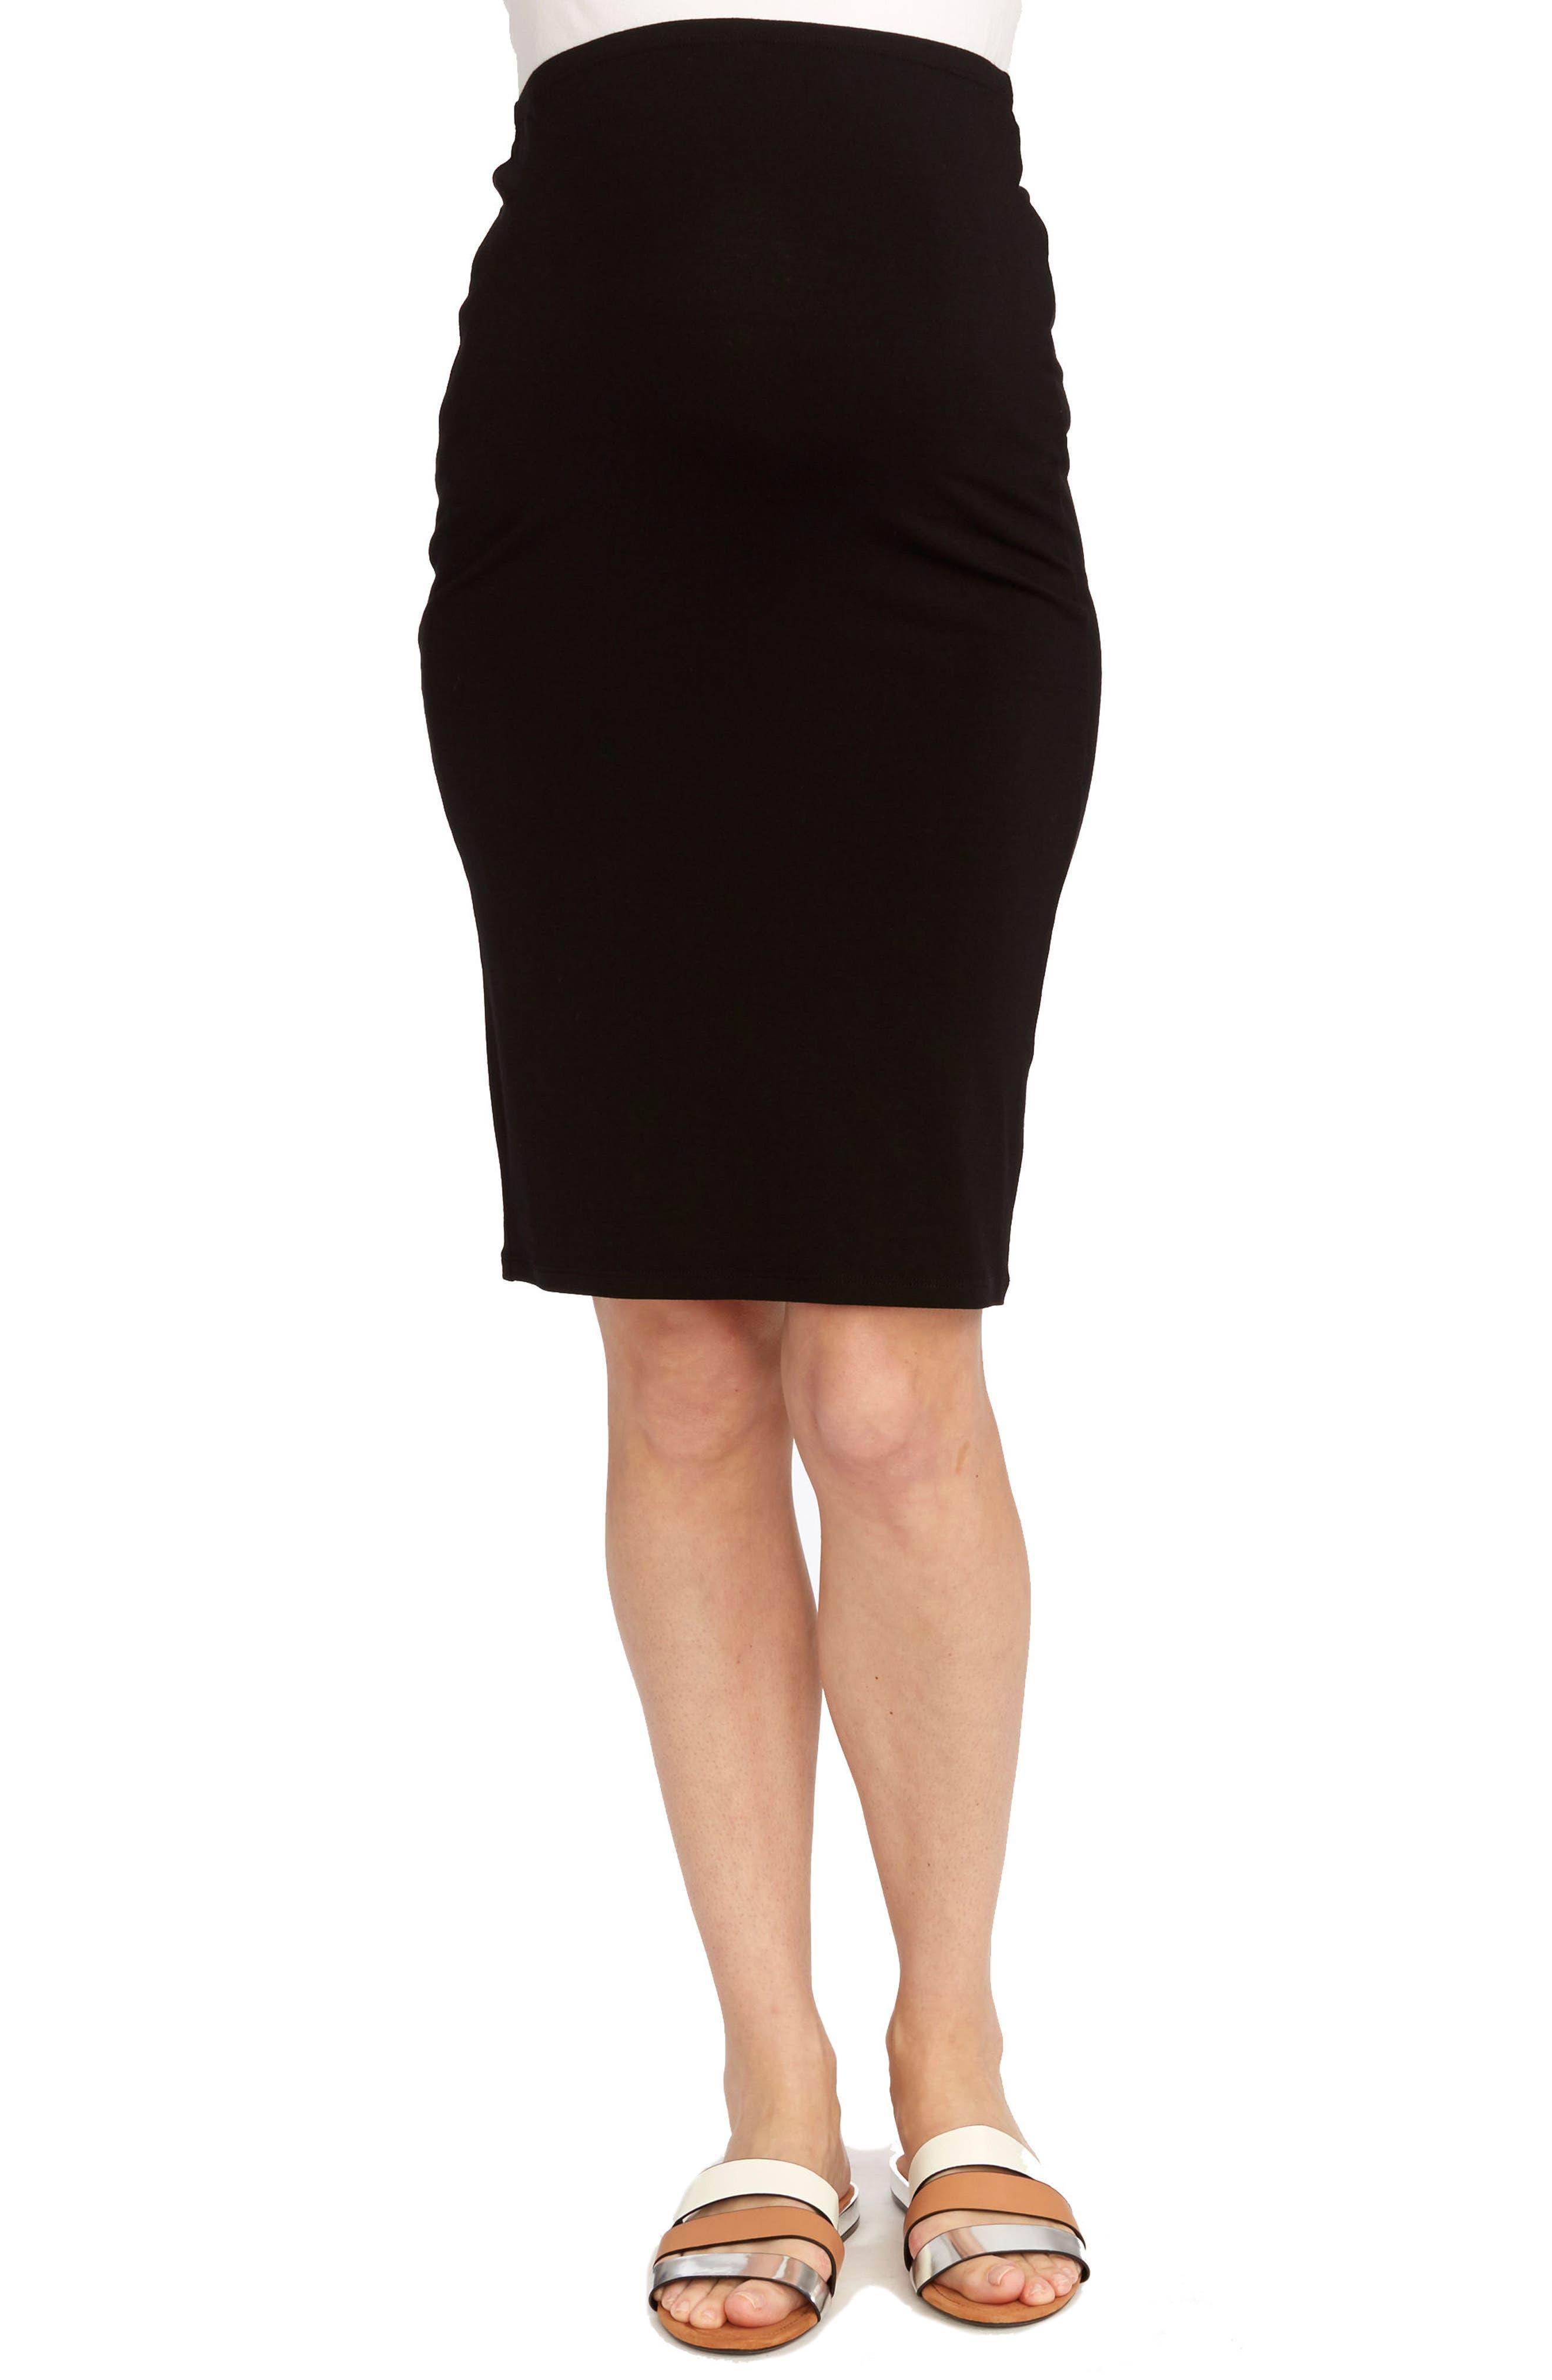 Adeline Maternity Skirt,                             Main thumbnail 1, color,                             BLACK